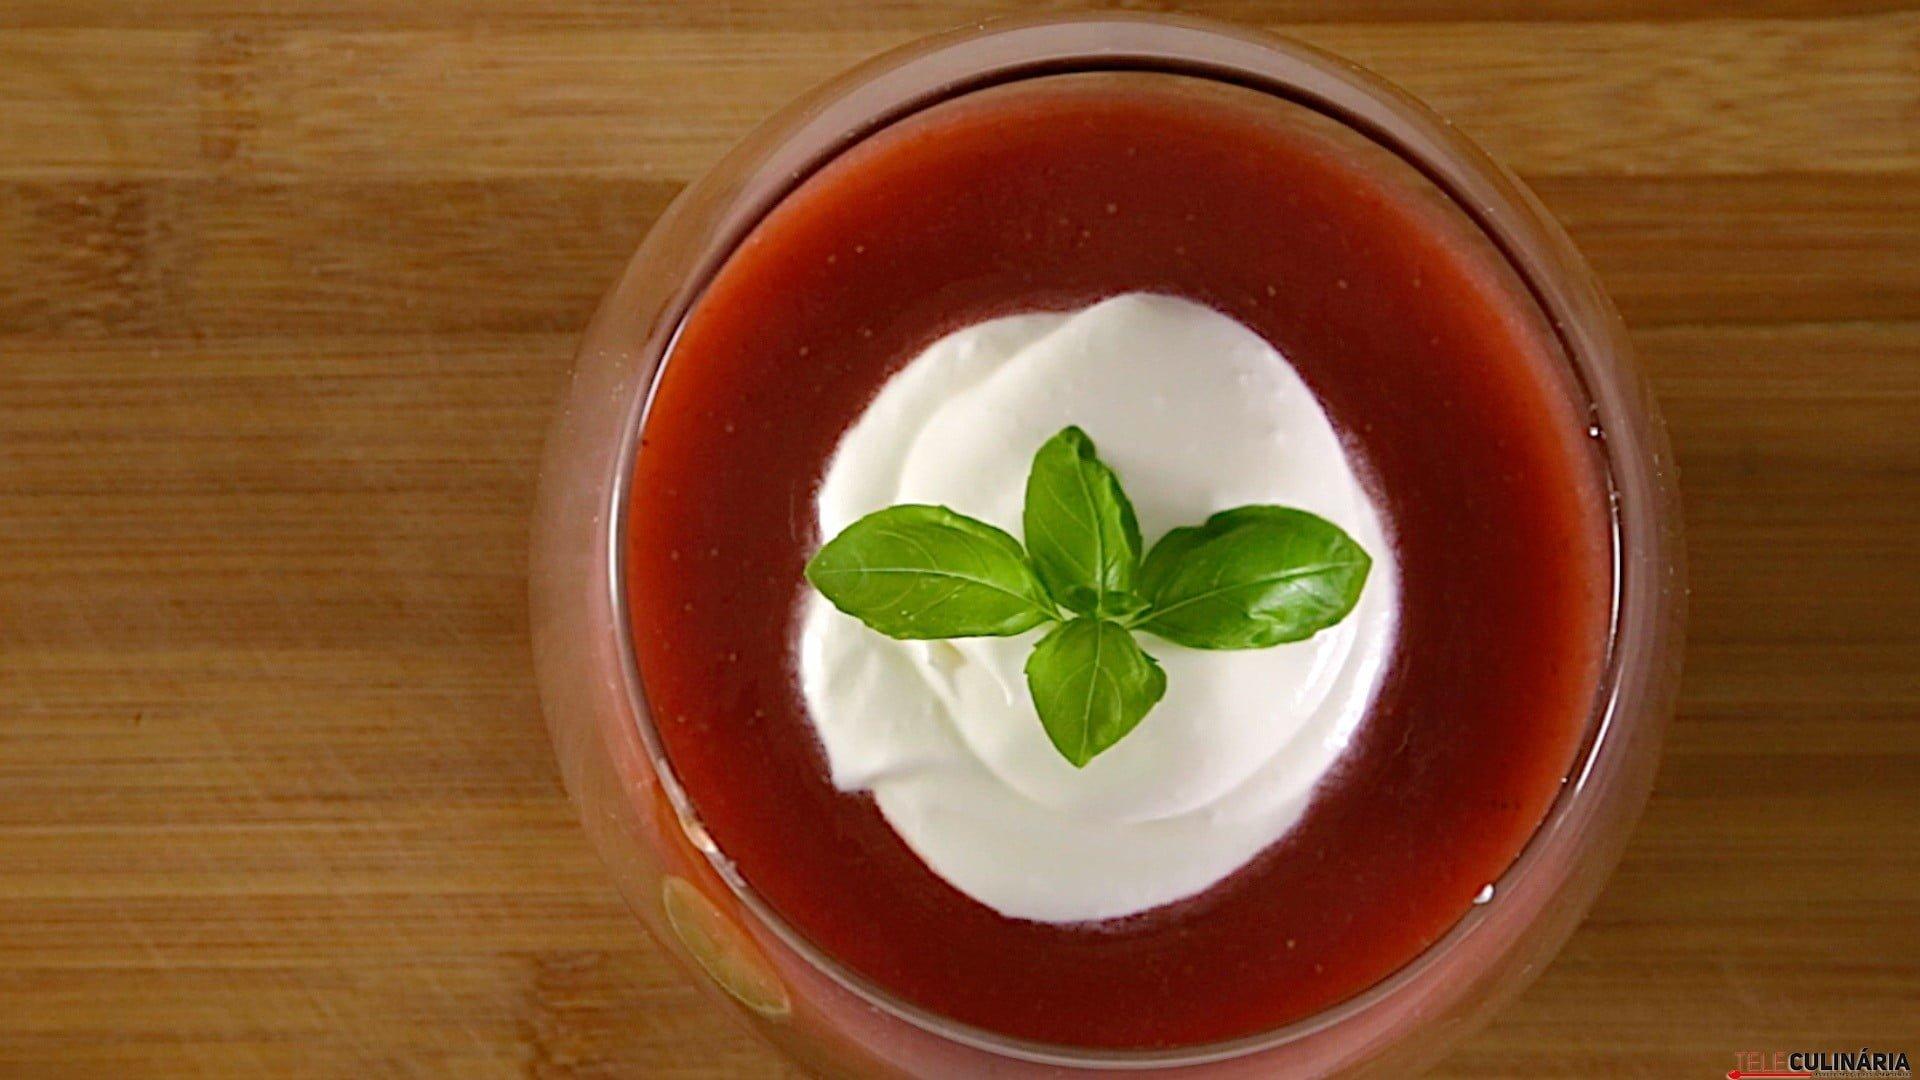 0059 Gaspacho de morangos CHPS